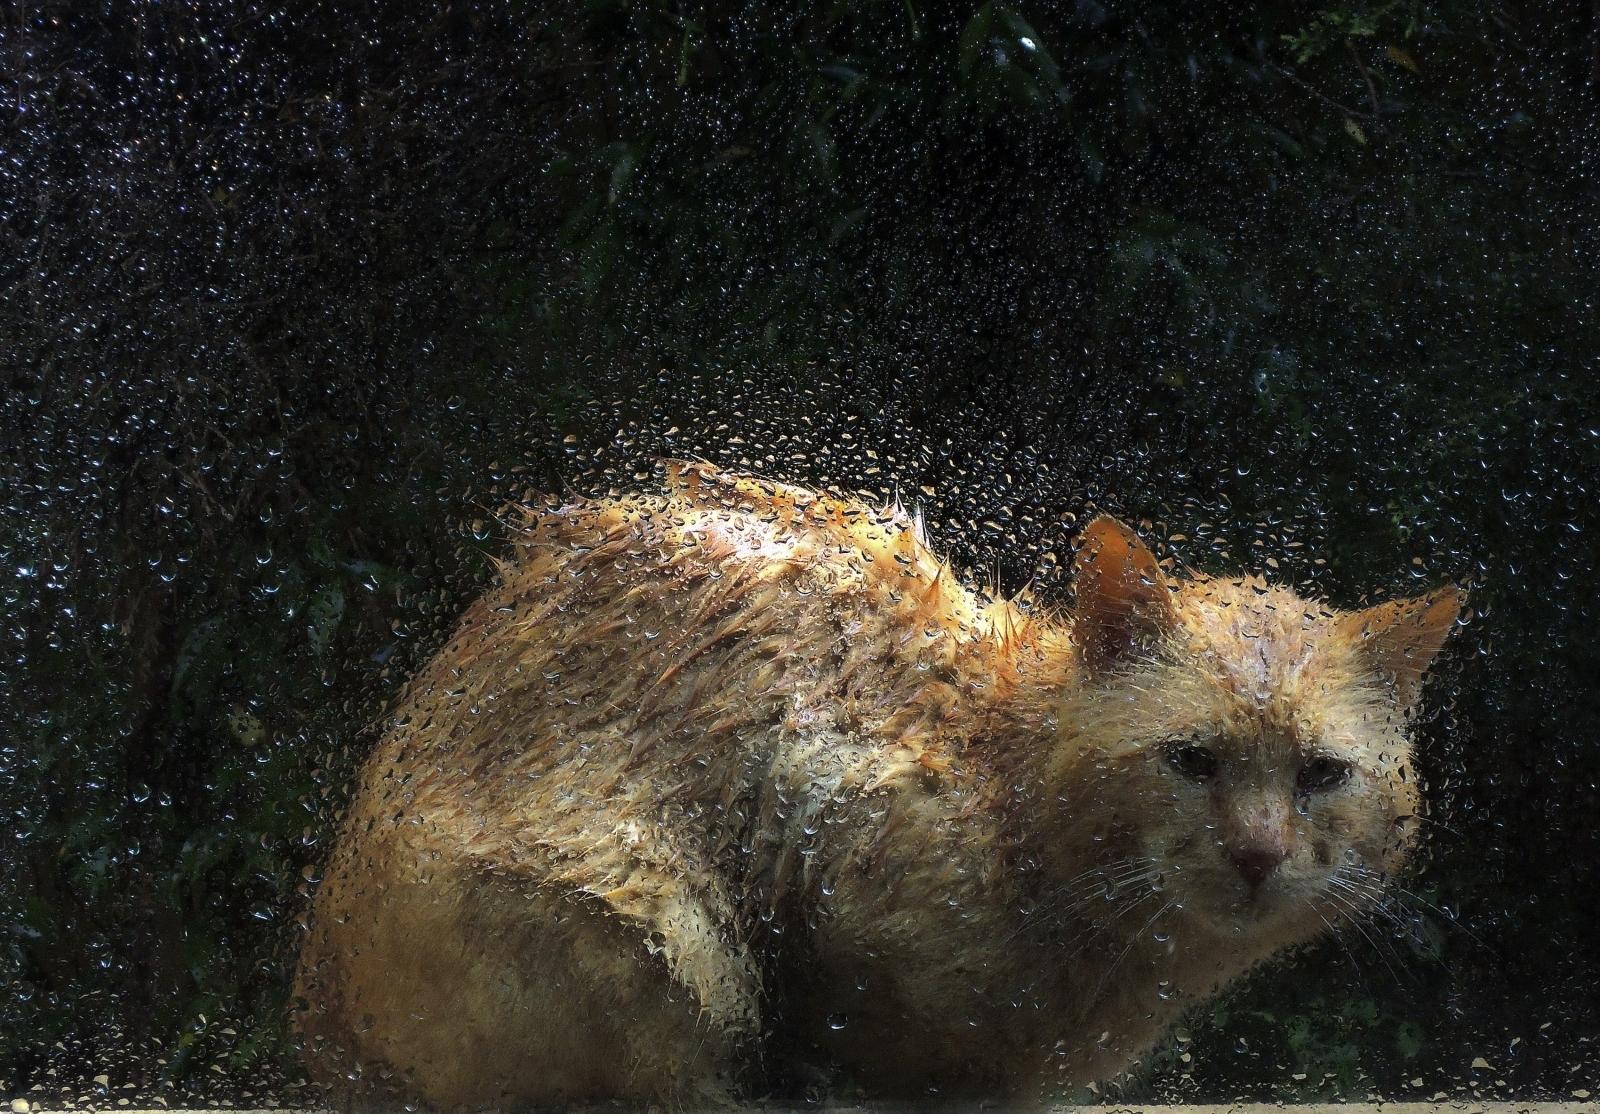 Stray Tomcat cat